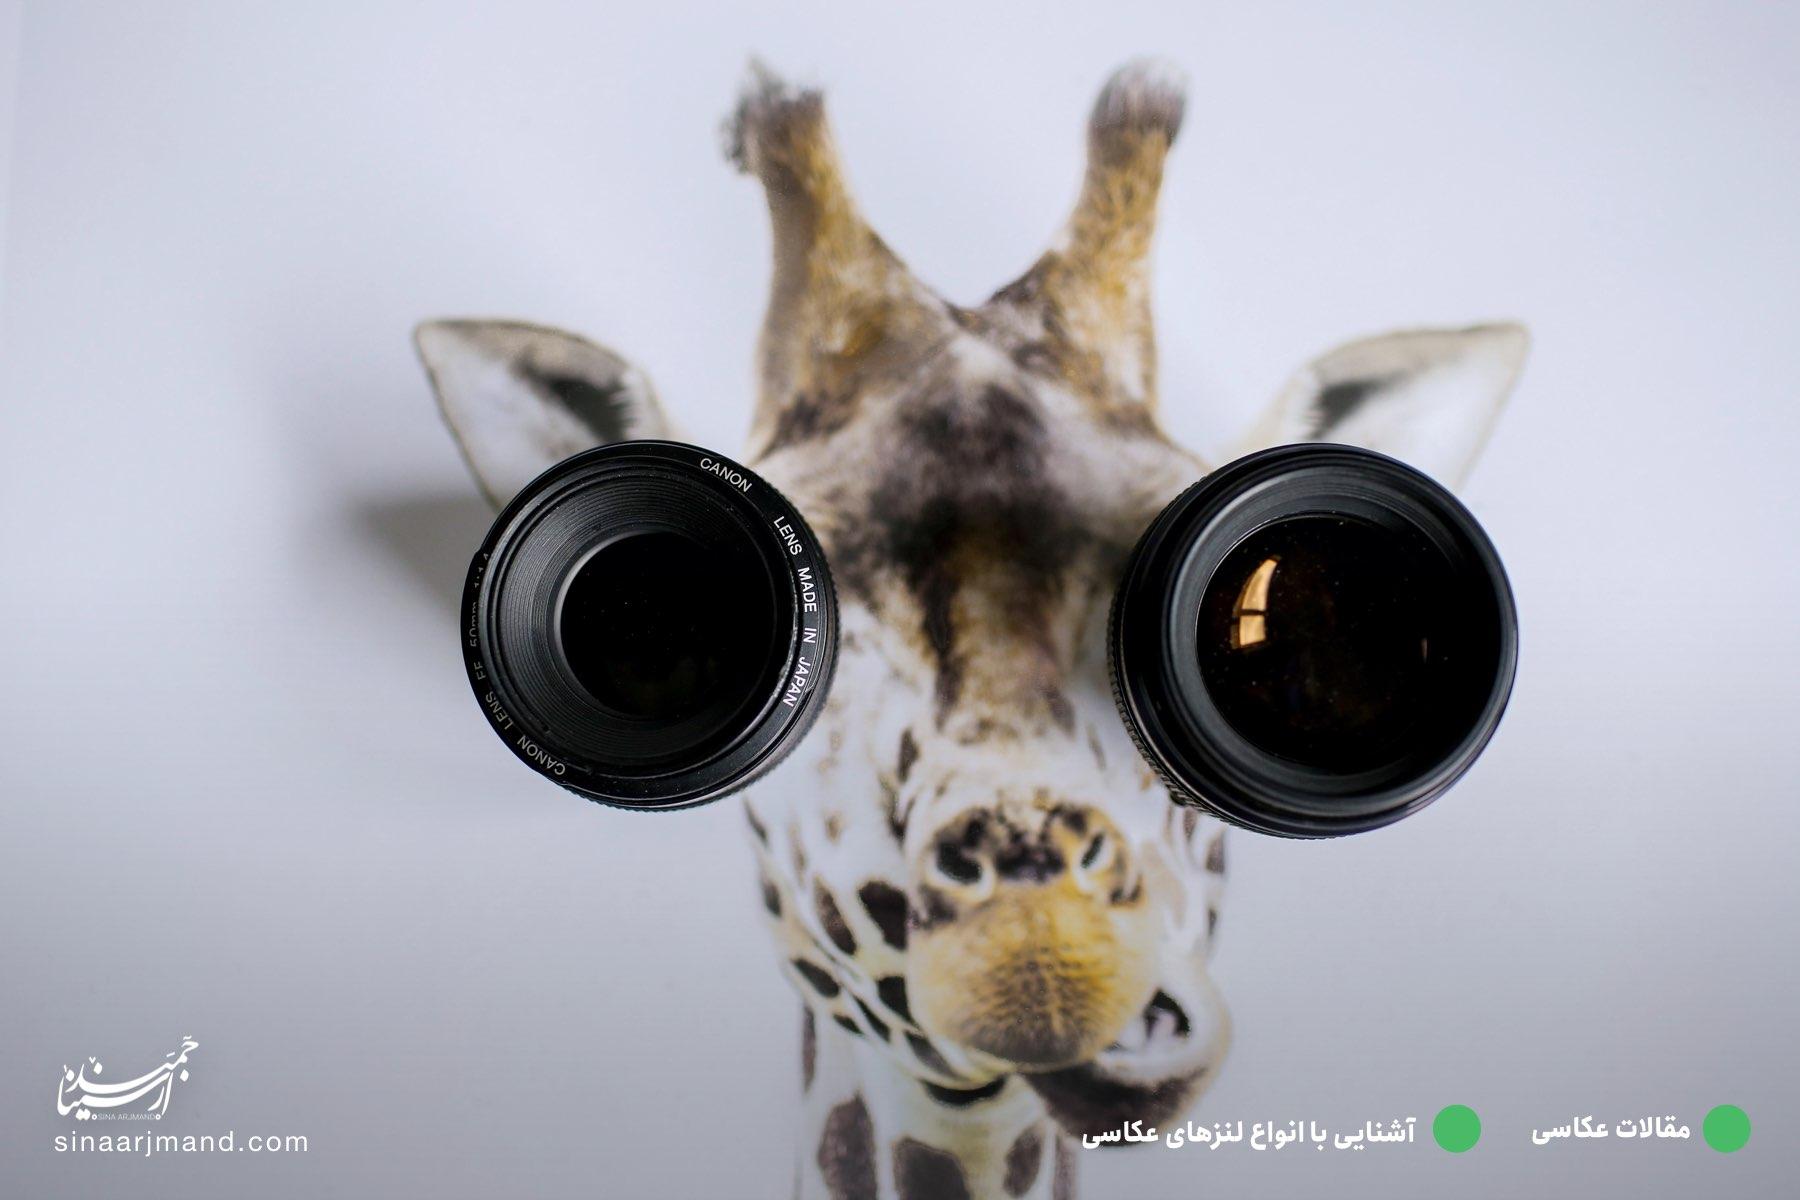 آشنایی با انواع لنزها در عکاسی 📷 👨🏼🏫